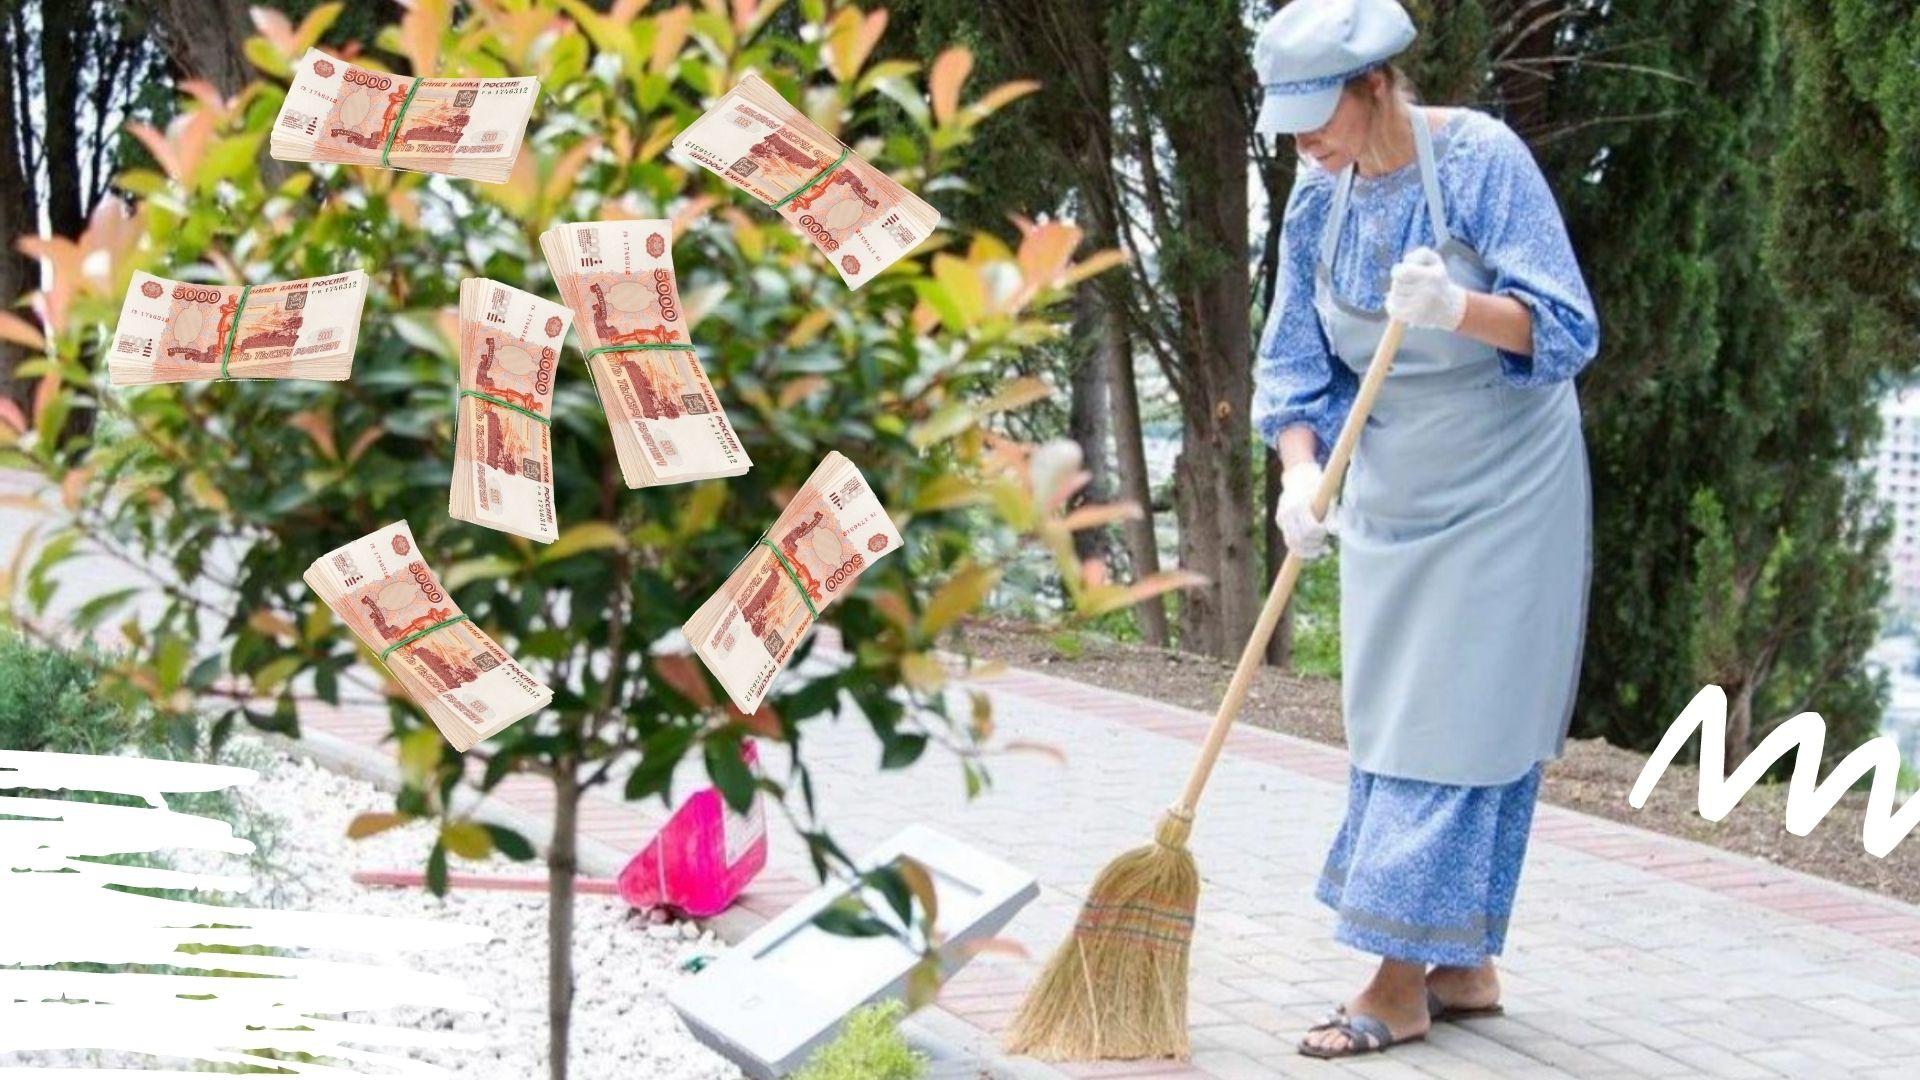 Сколько зарабатывает Дворник в Москве в месяц